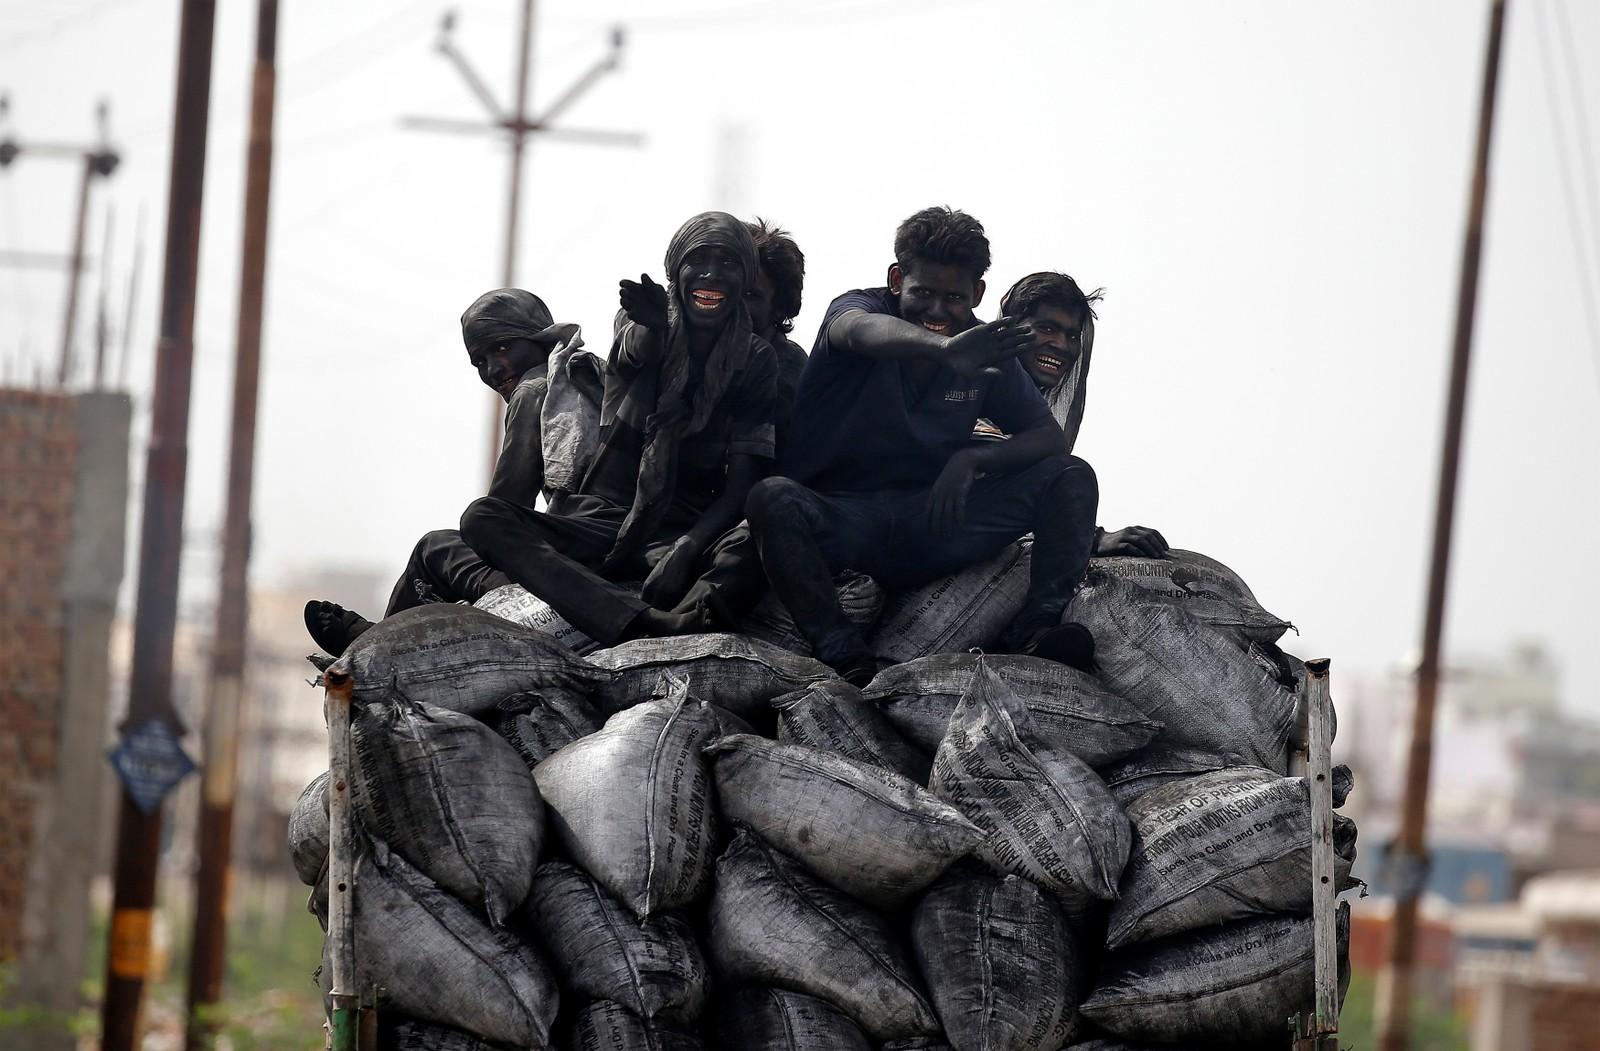 Kullarbeidere på vei til, eller fra, jobb i Barsana, India.